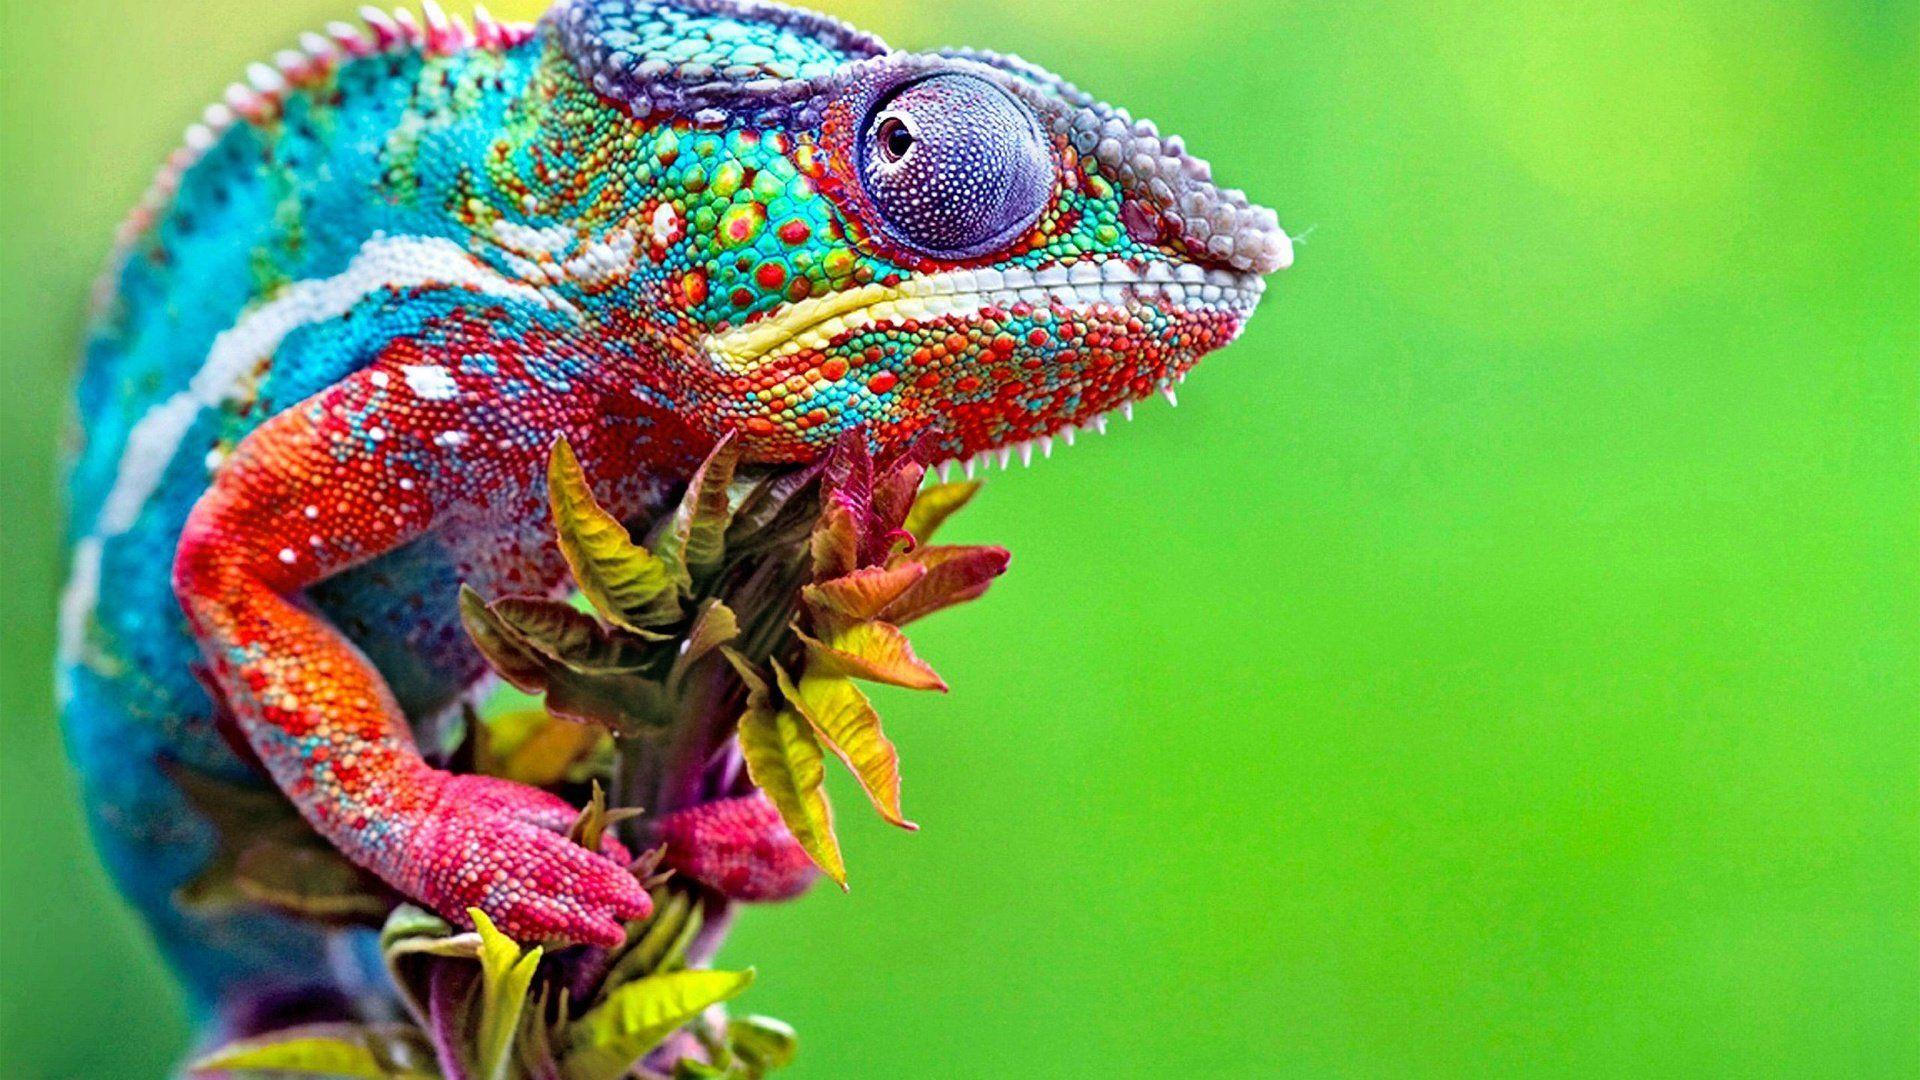 A Chameleon Changes Color